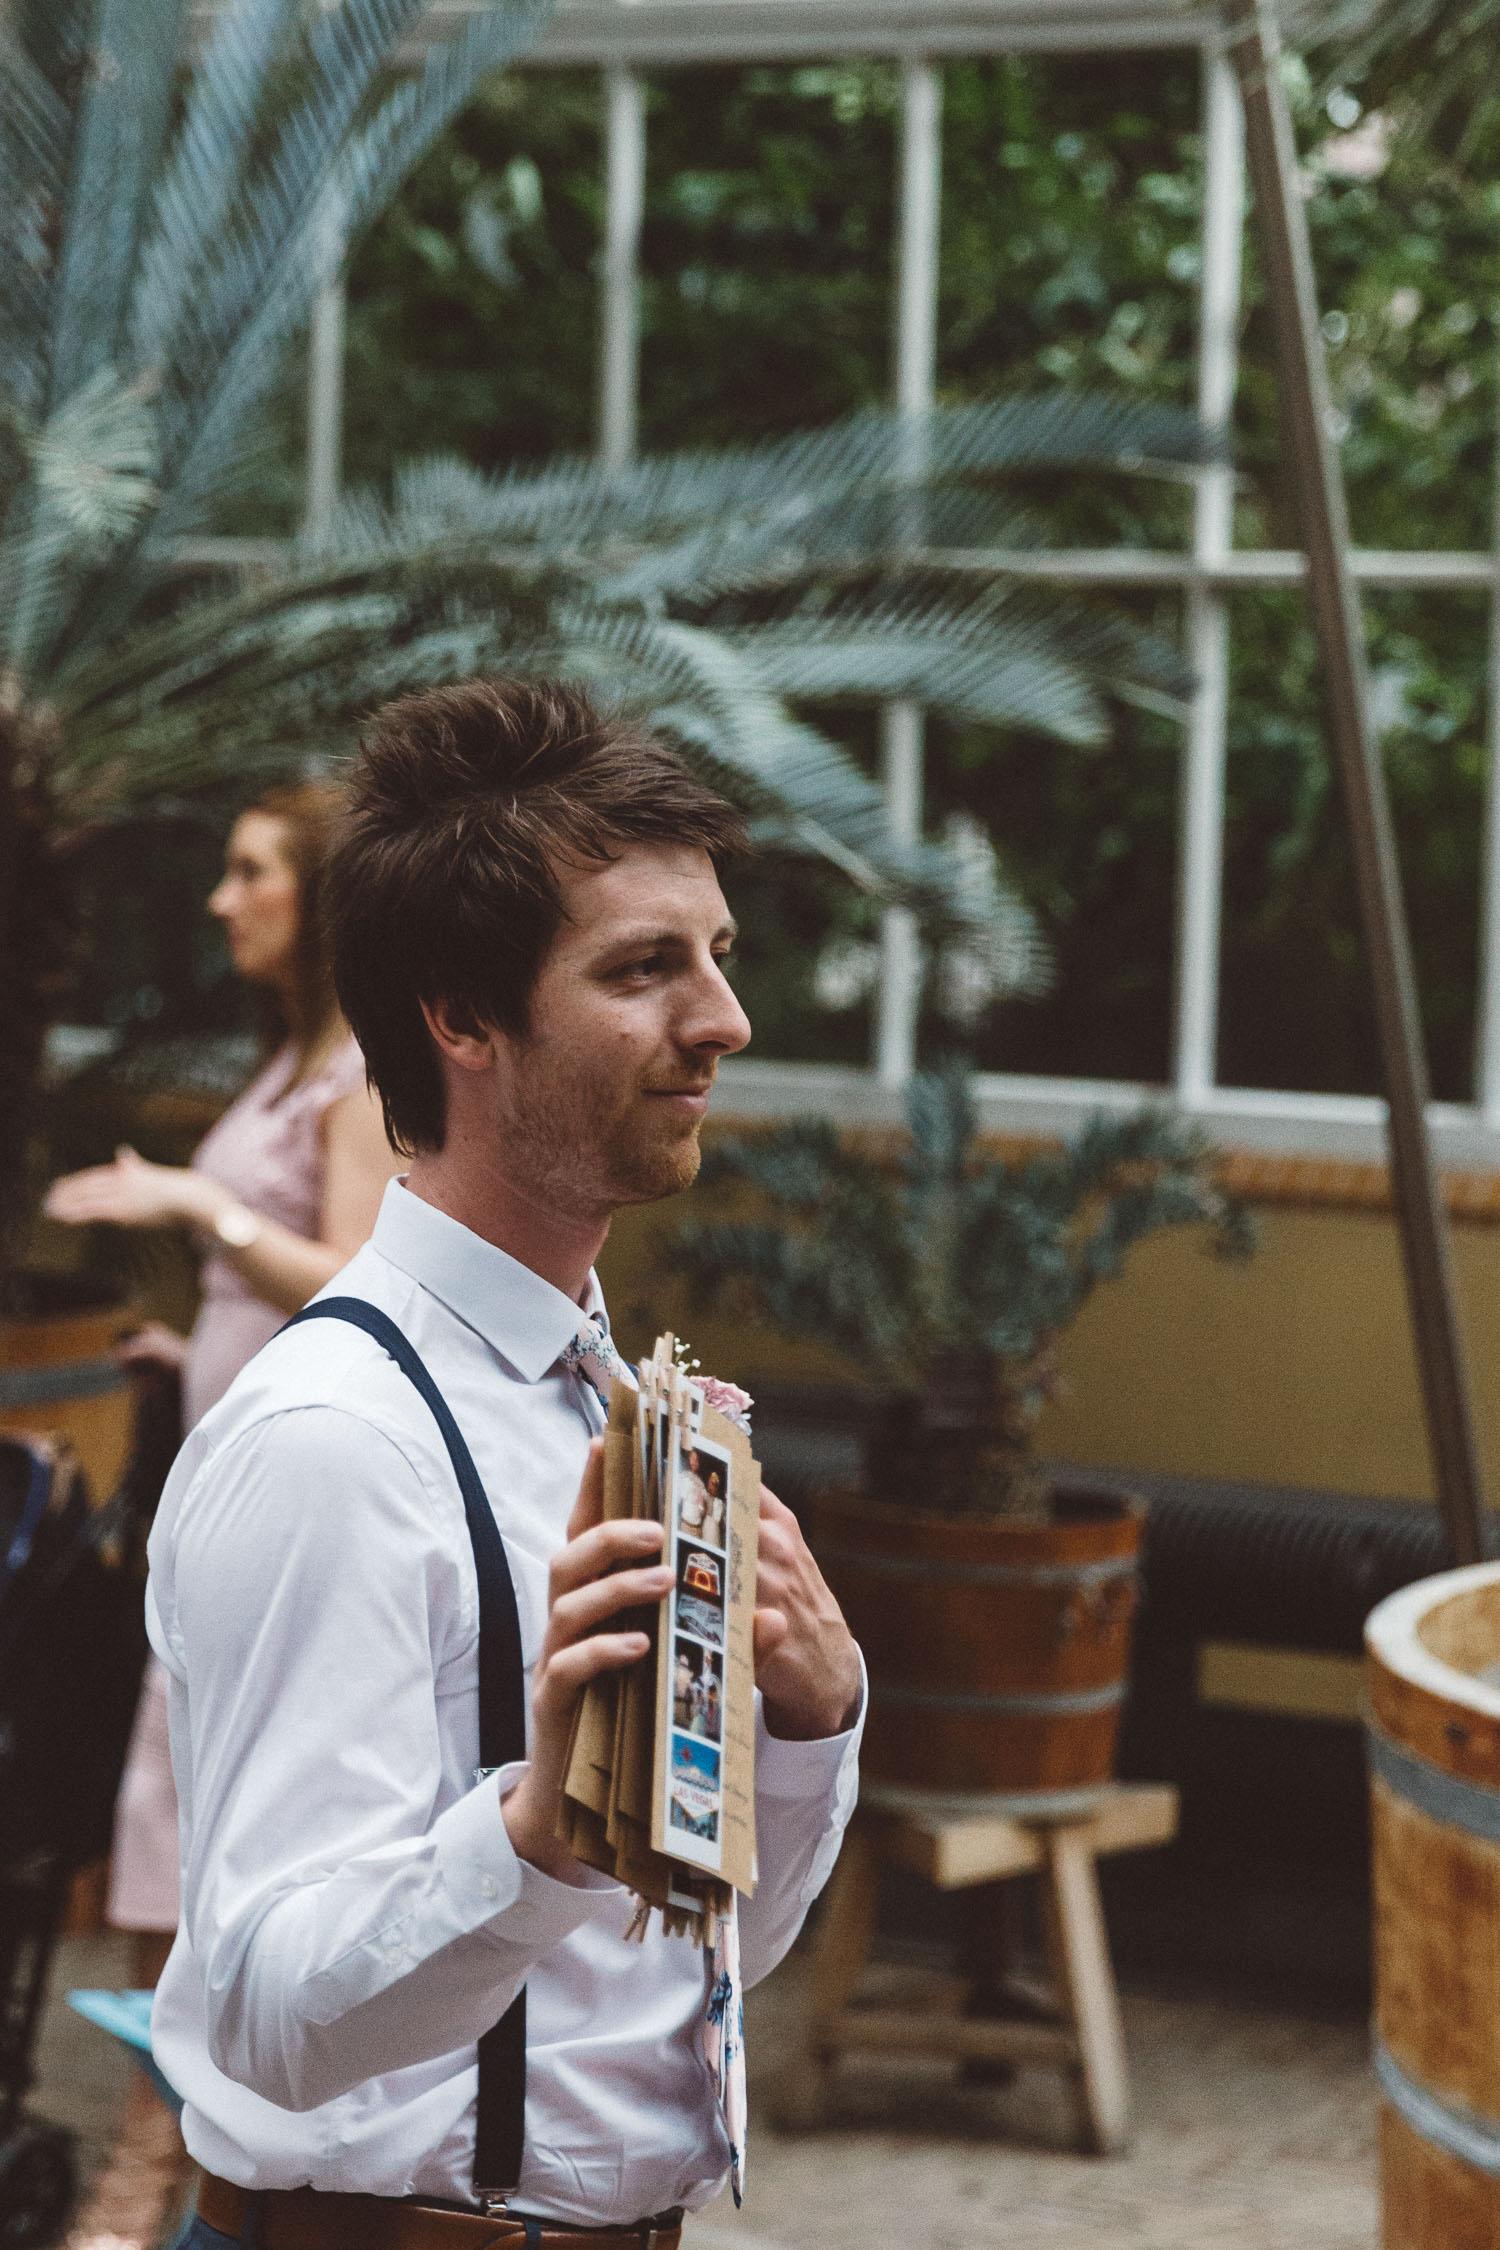 Wedding-Bethan-and-Mike-Hortus-Botanicus-photography-On-a-hazy-morning-Amsterdam017.jpg